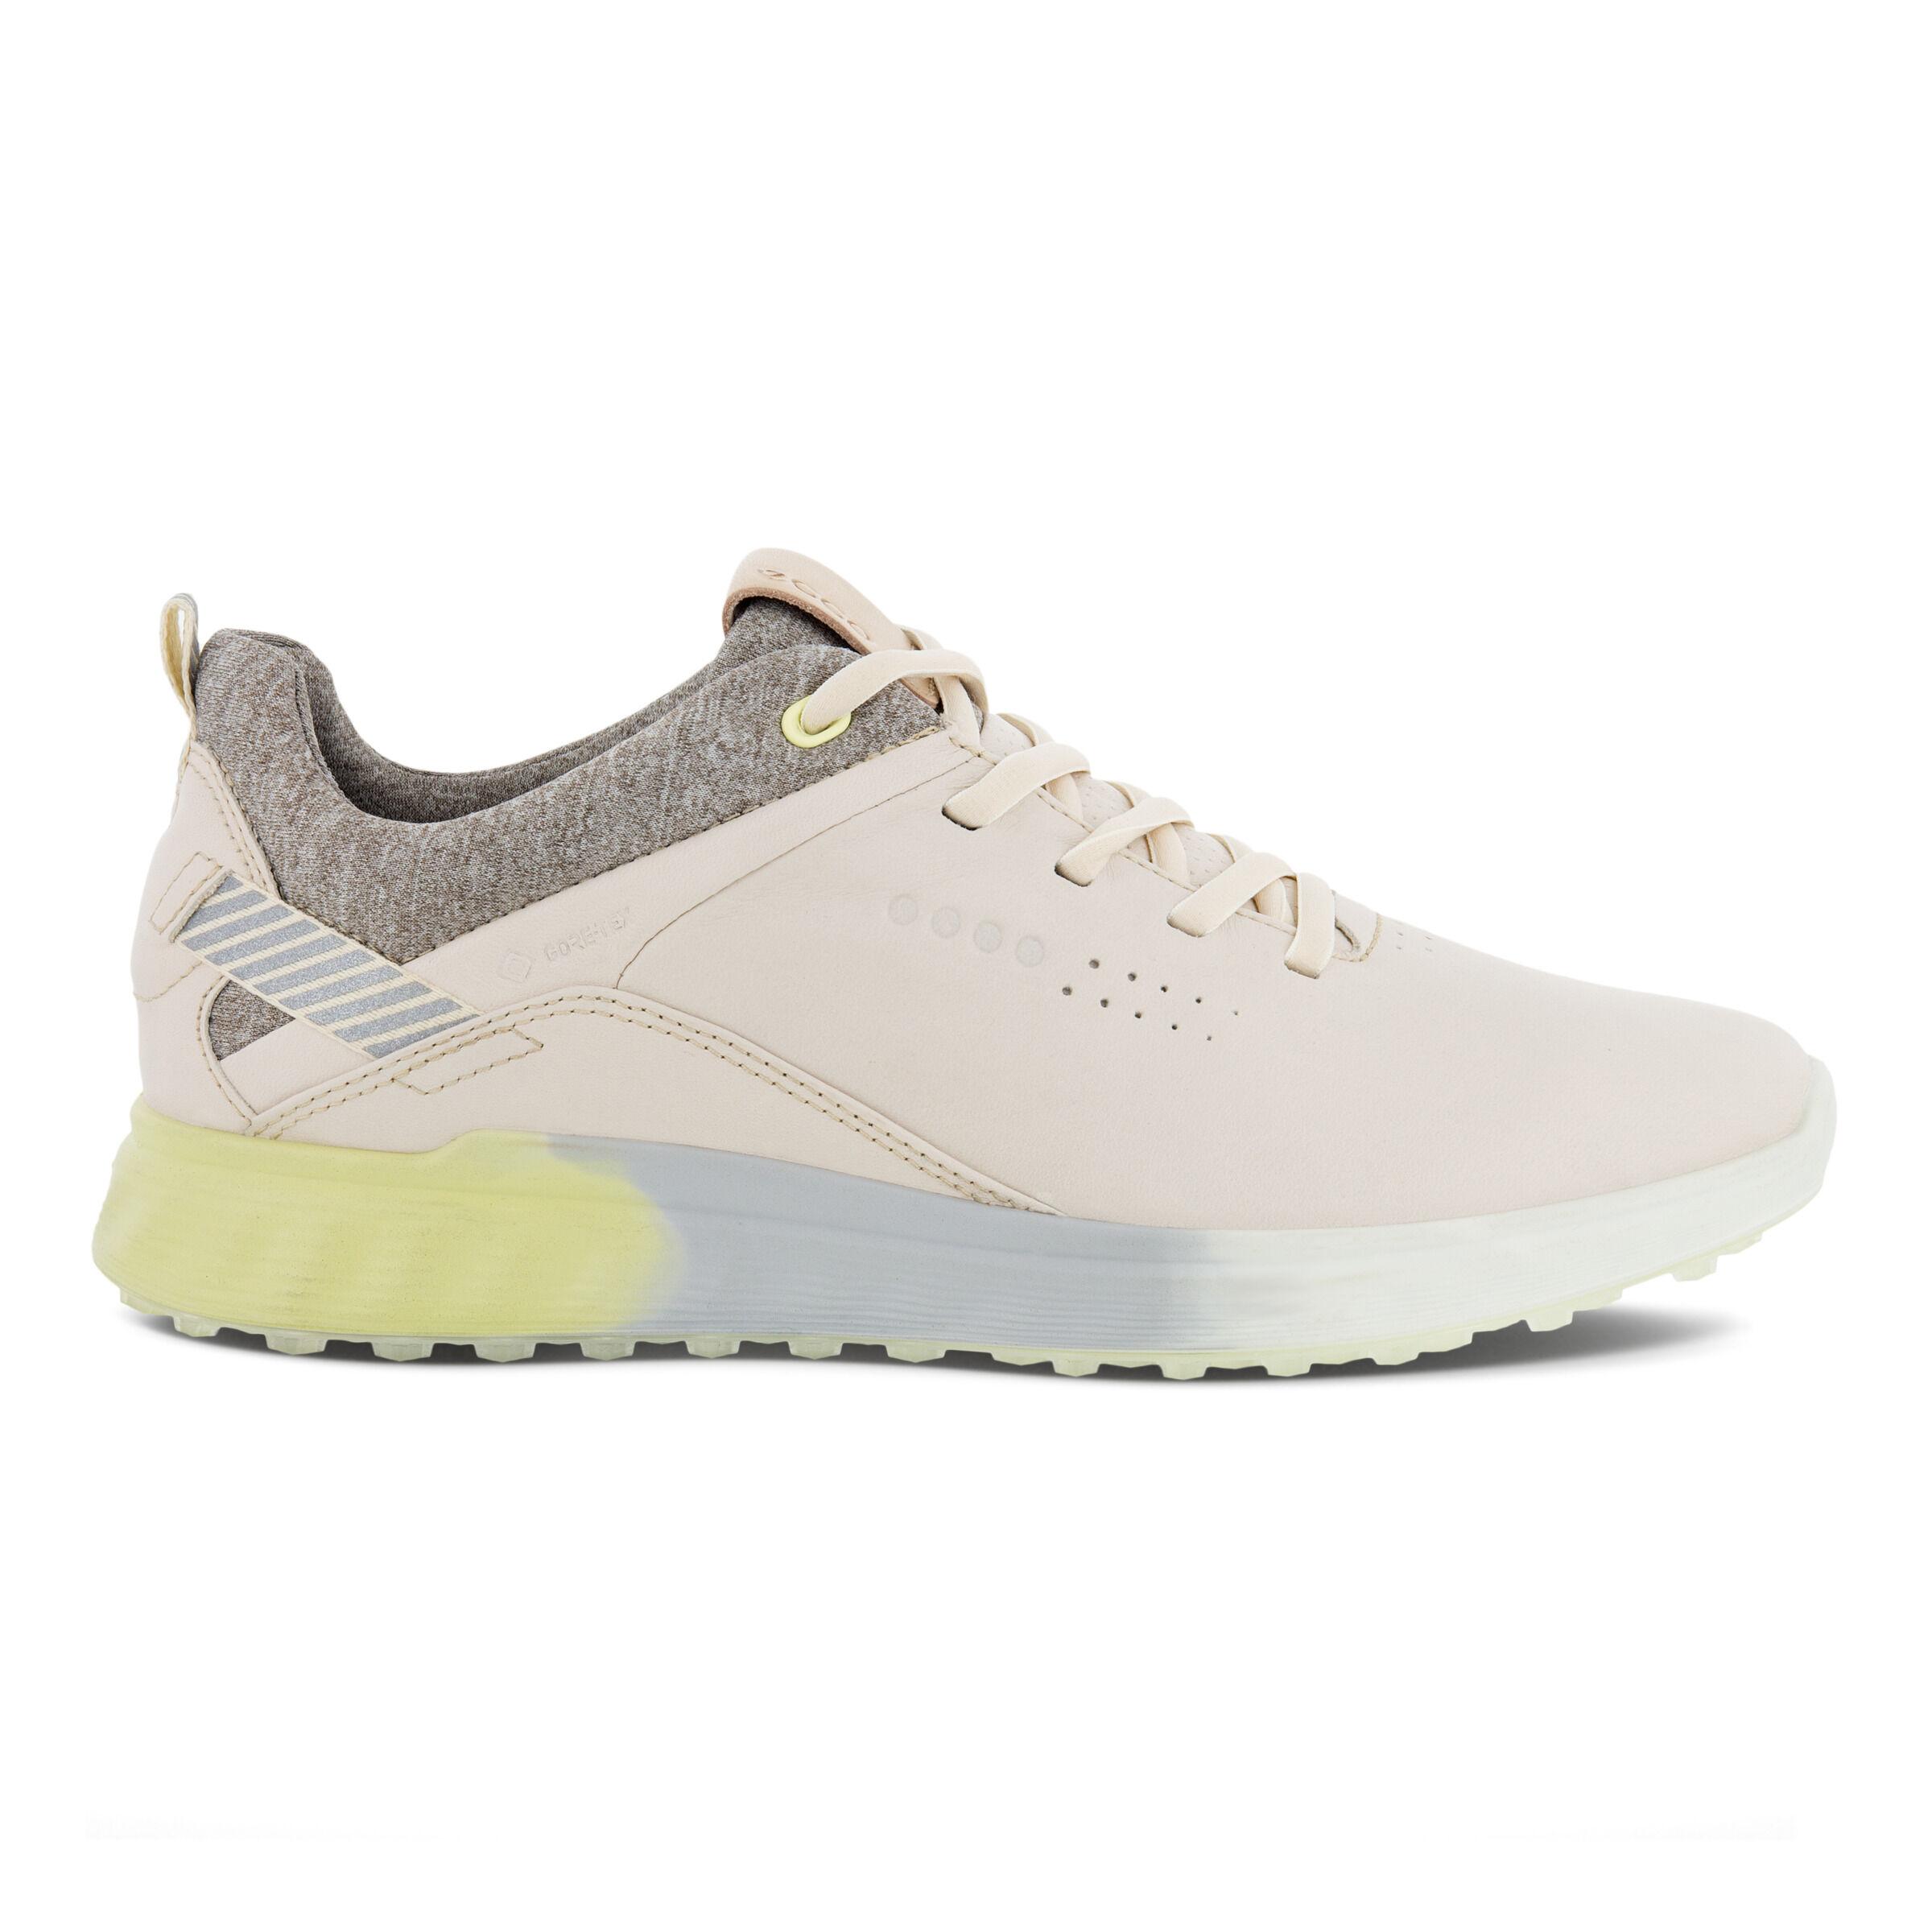 에코 우먼 골프화 ECCO Womens S-Three Spikeless Golf Shoes,LIMESTONE